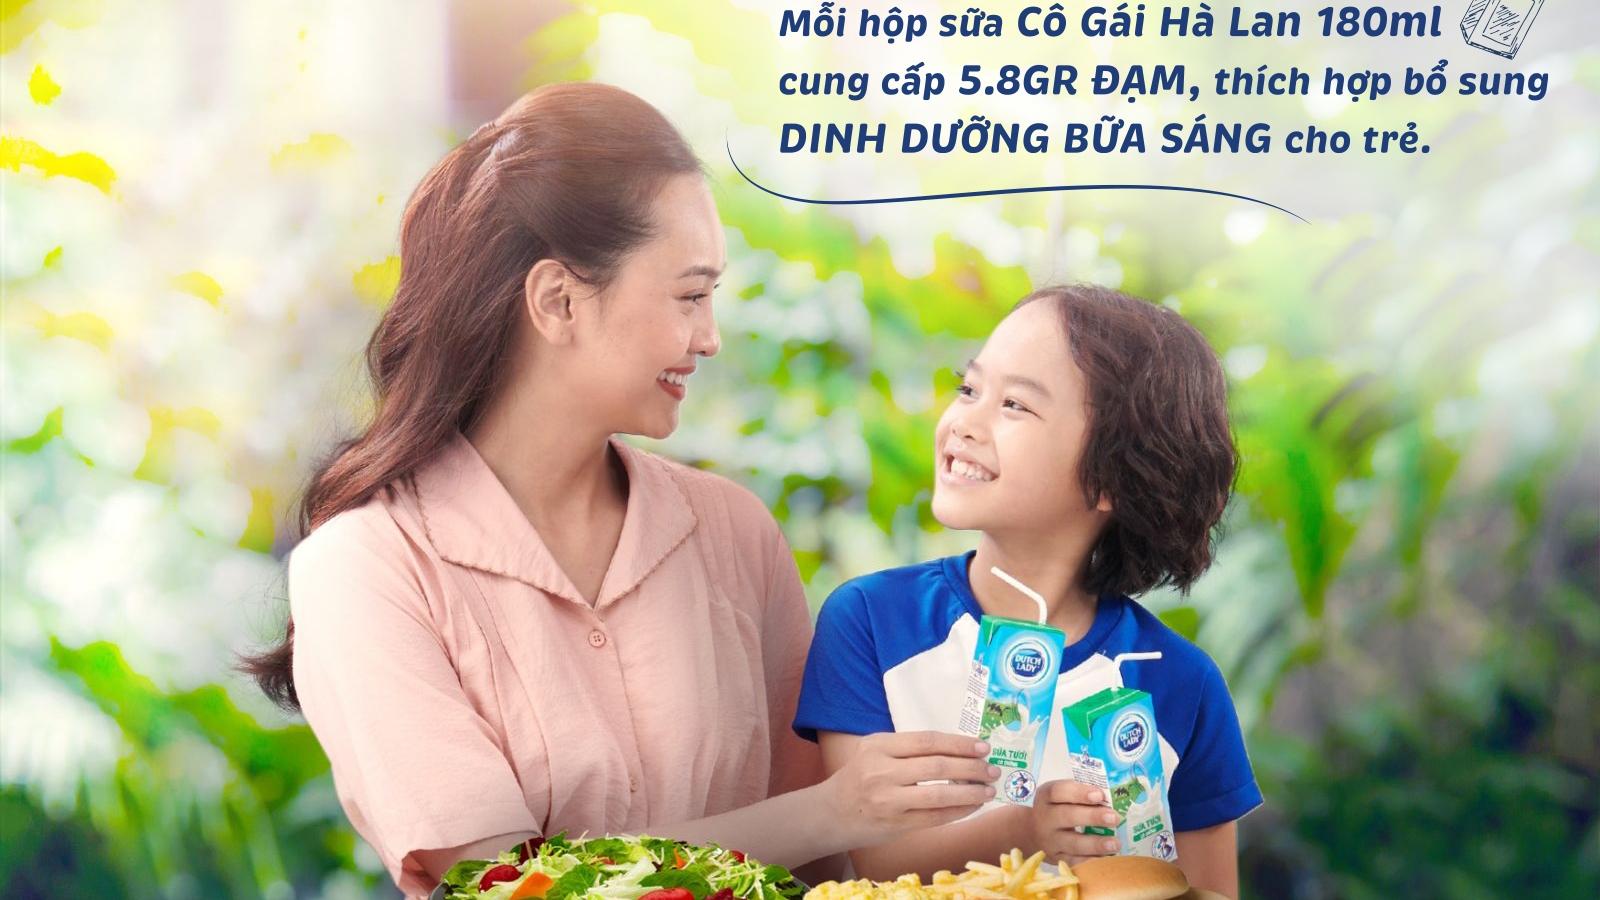 Cách các bà mẹ 3 miền chuẩn bị bữa sáng đủ chất để con vững vàng học online